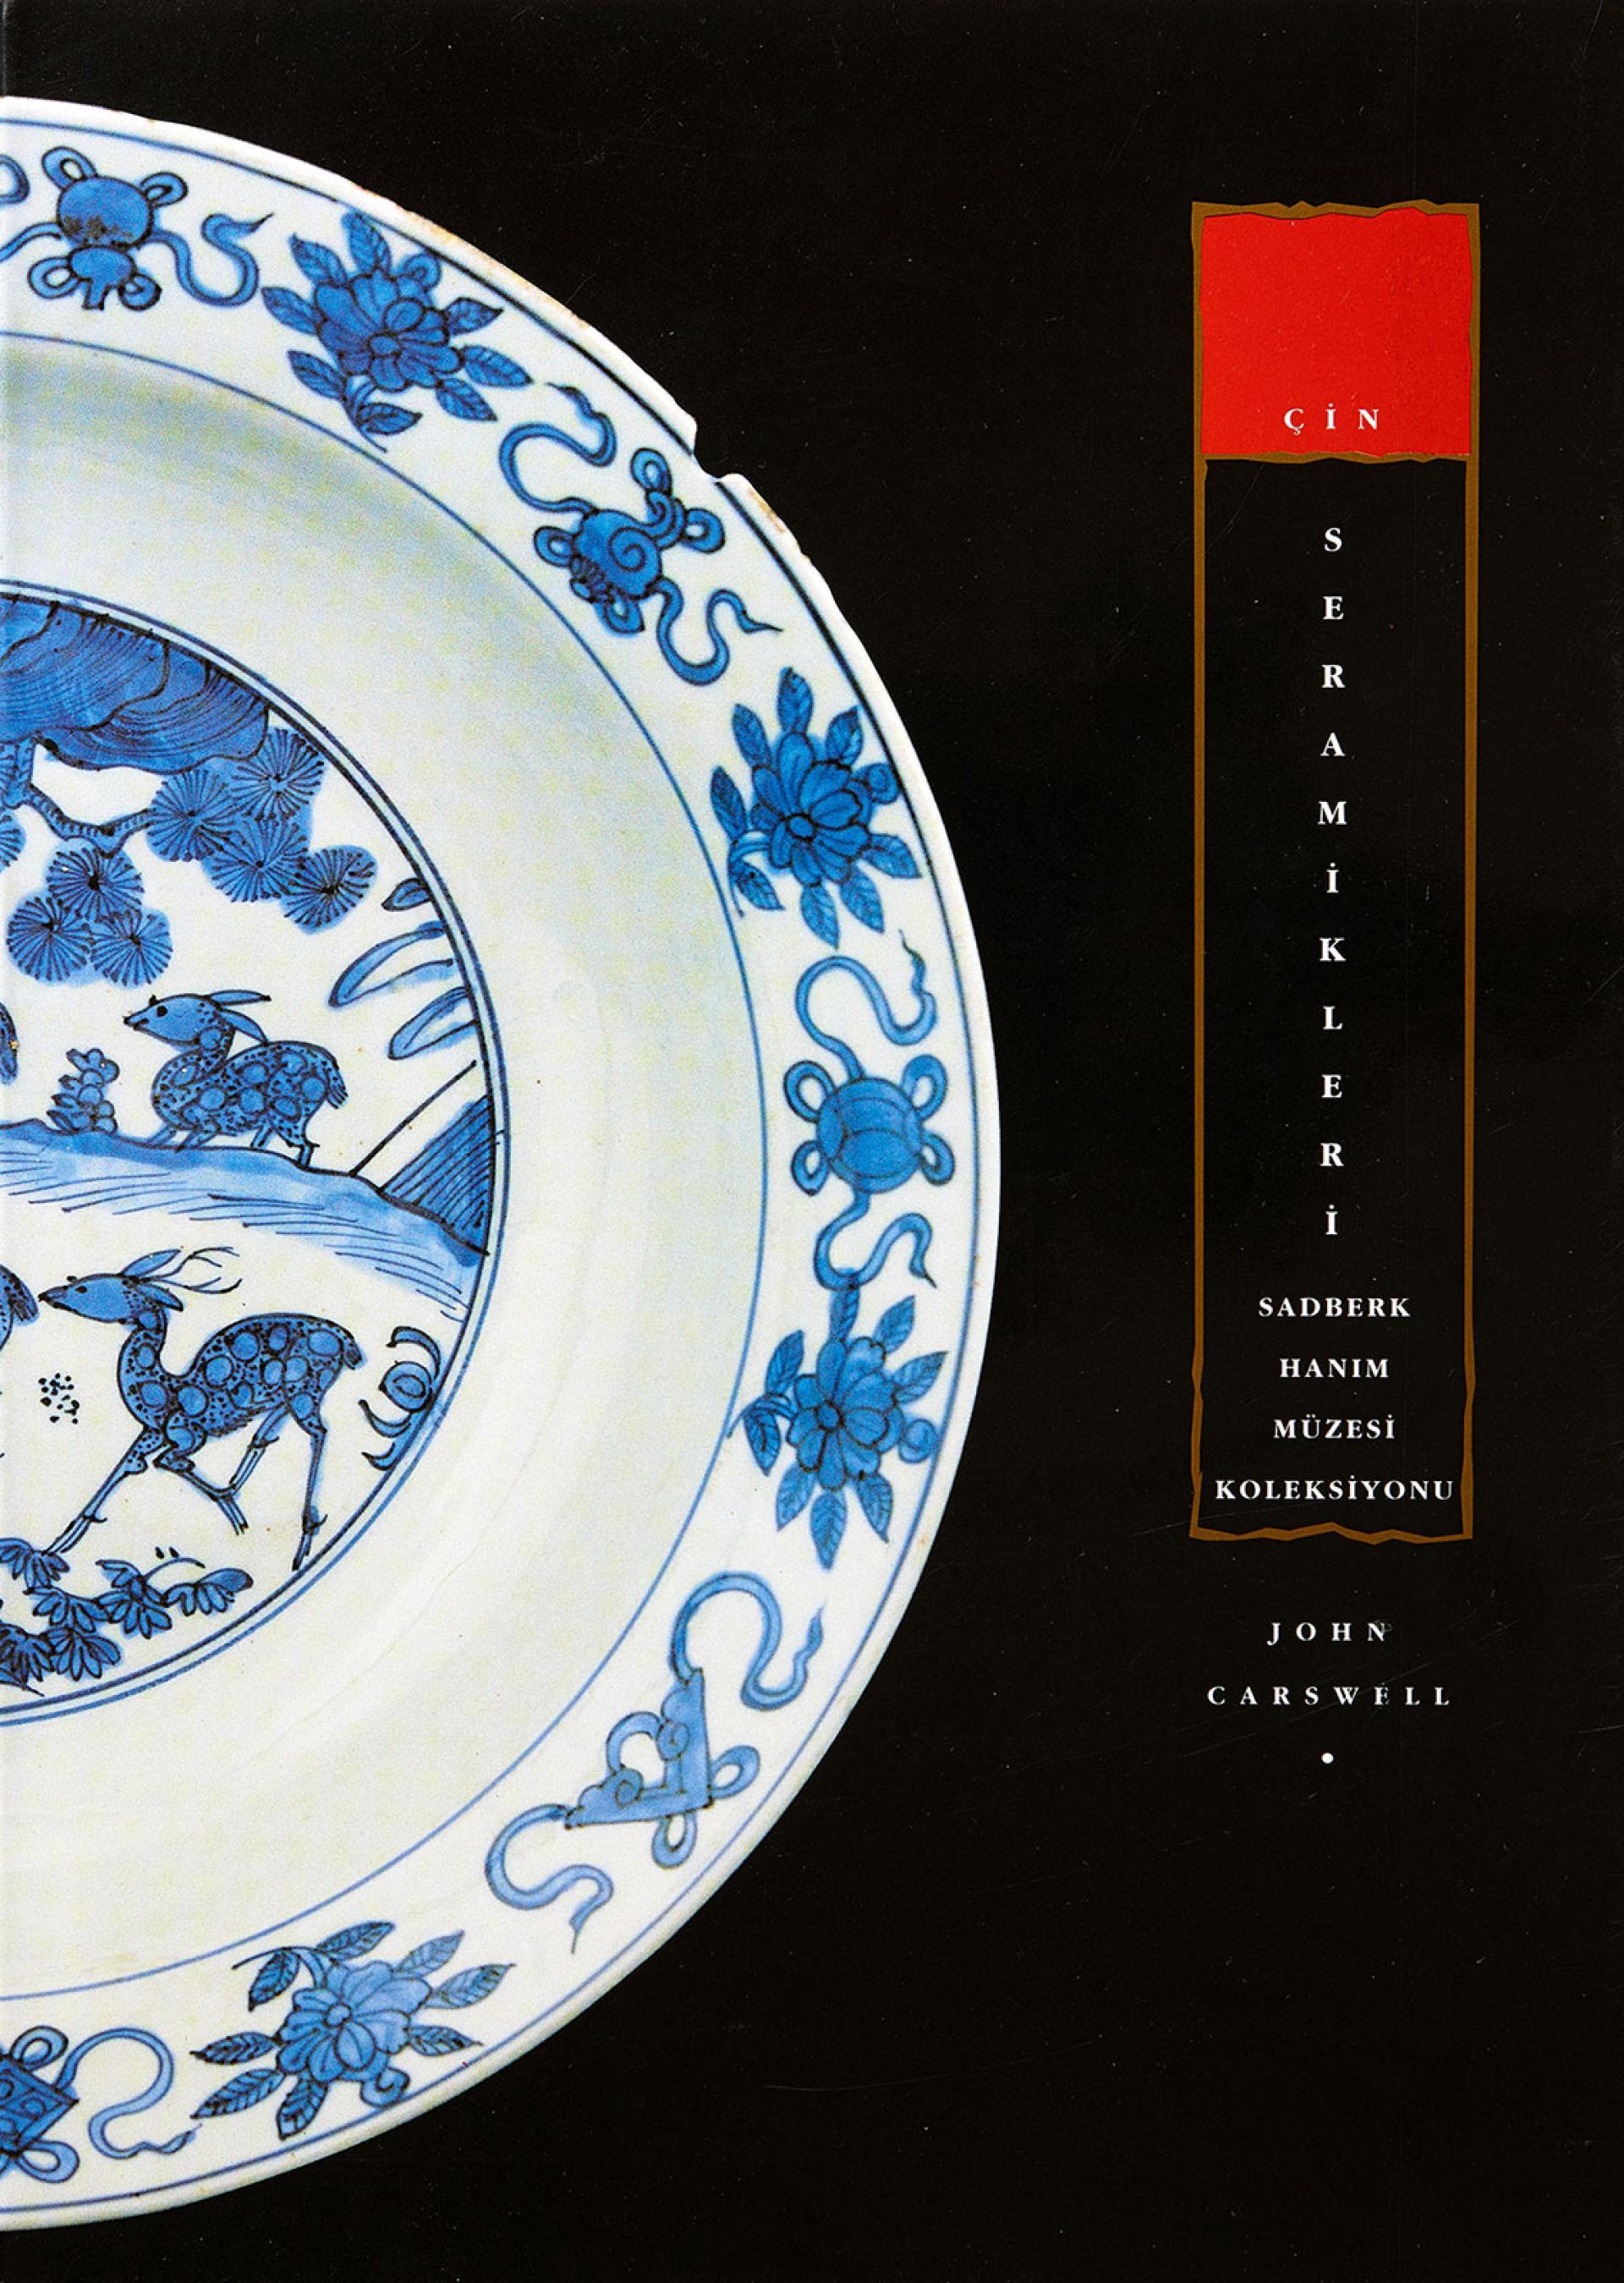 Çin Seramikleri - BOOKS - Sadberk Hanım Museum